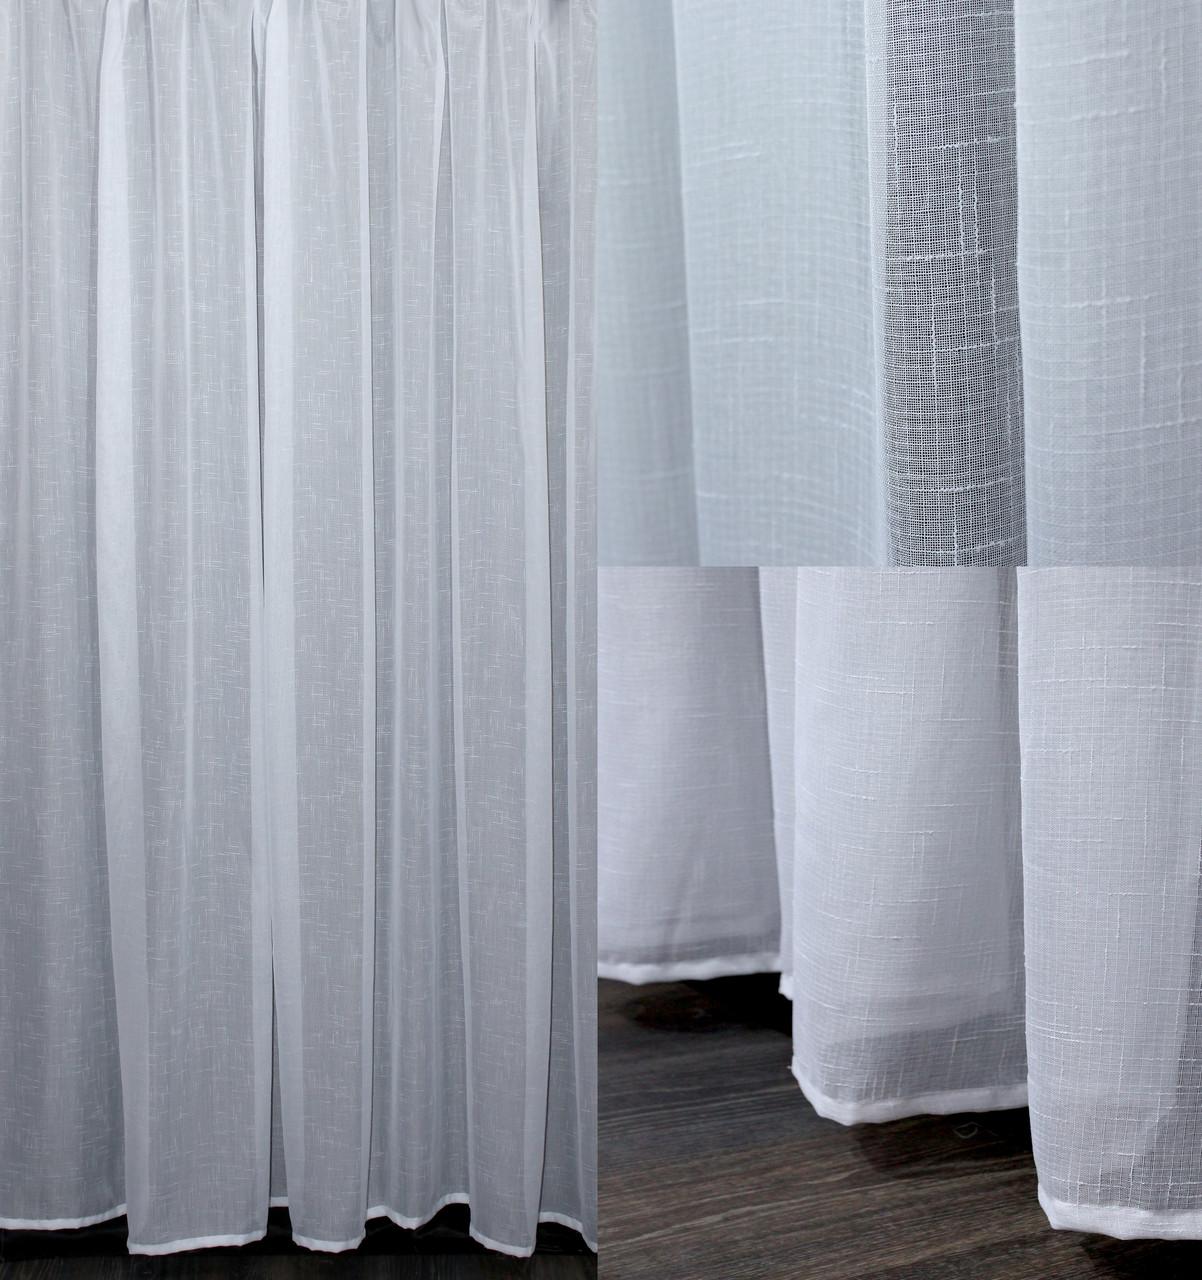 Тюль под лен с утяжелителем цвет белый арт 10013 где можно купить маркер для ткани